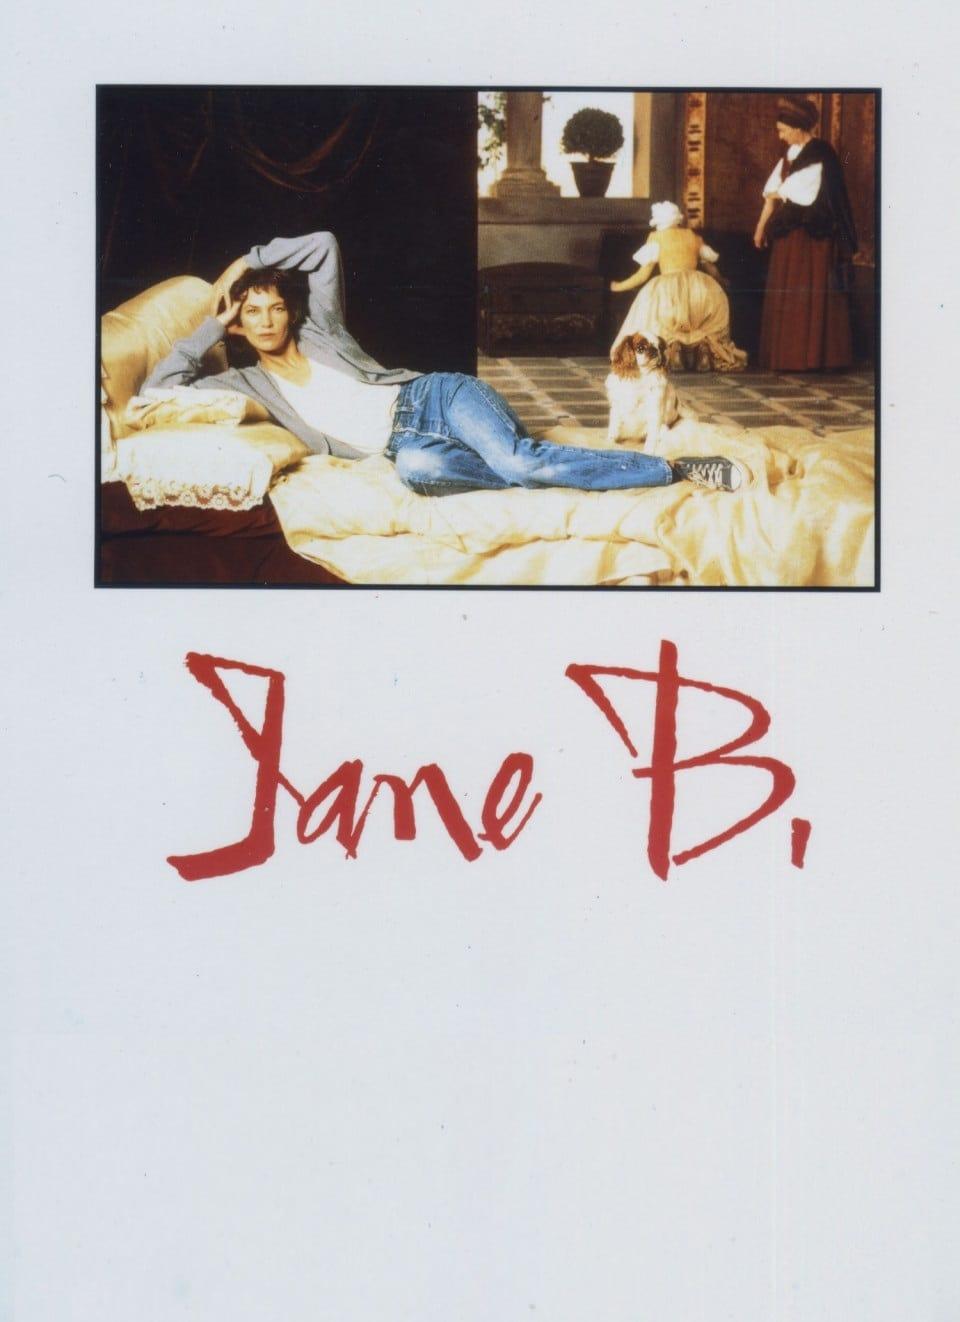 Jane B. by Agnès V.